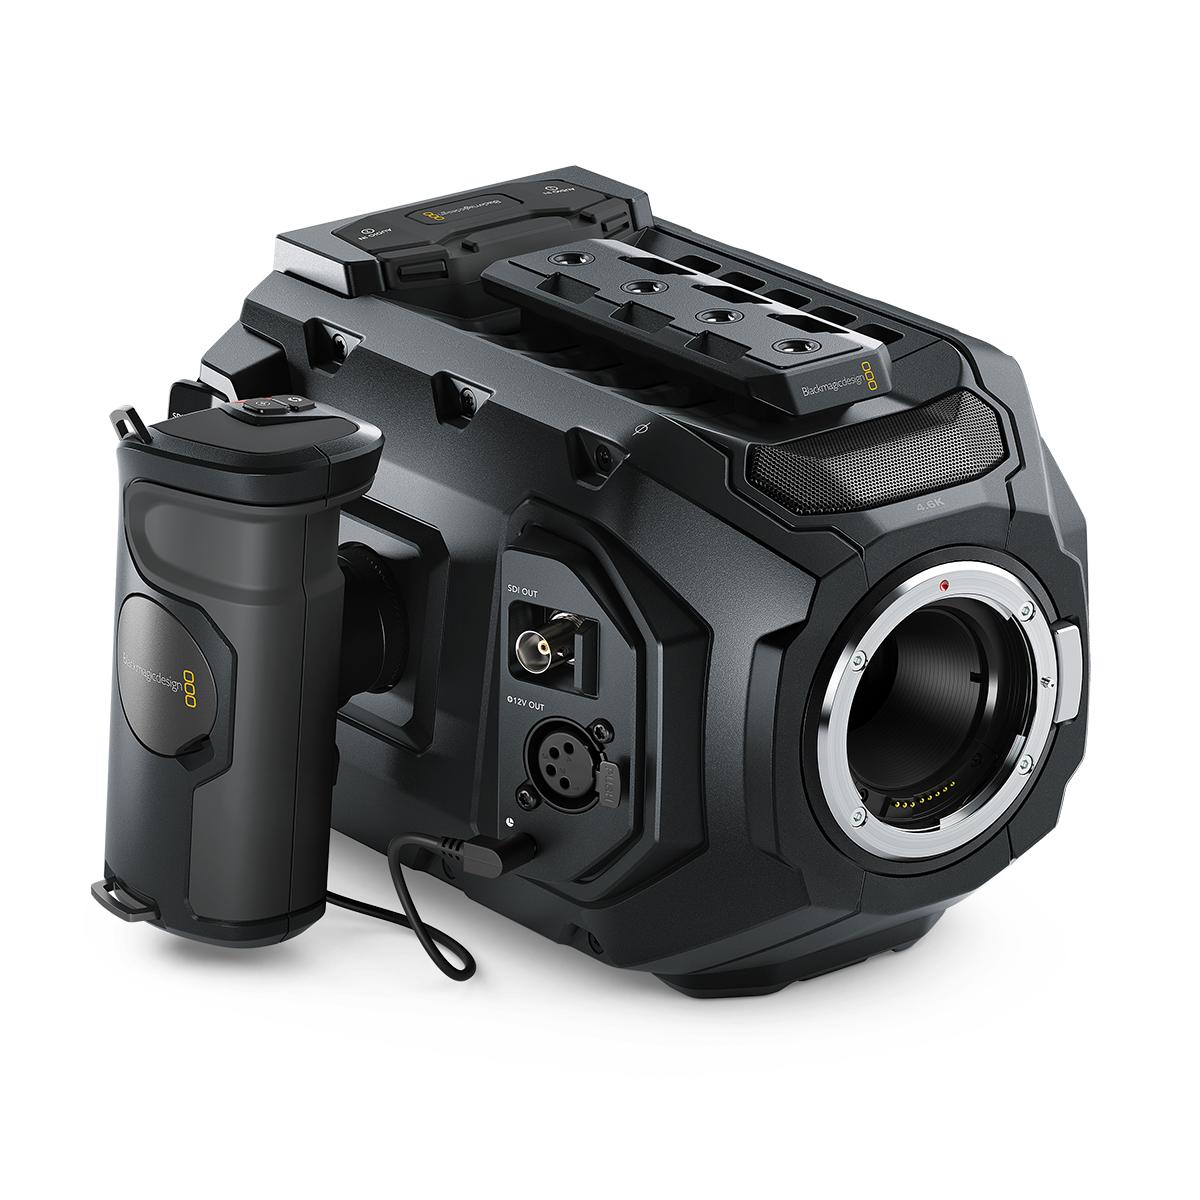 《新品》【送料無料、在庫あり!Blackmagic Design正規特約店です】Blackmagic URSA Mini 4.6K EF 4.6Kデジタルフィルムカメラ(レンズ別売)